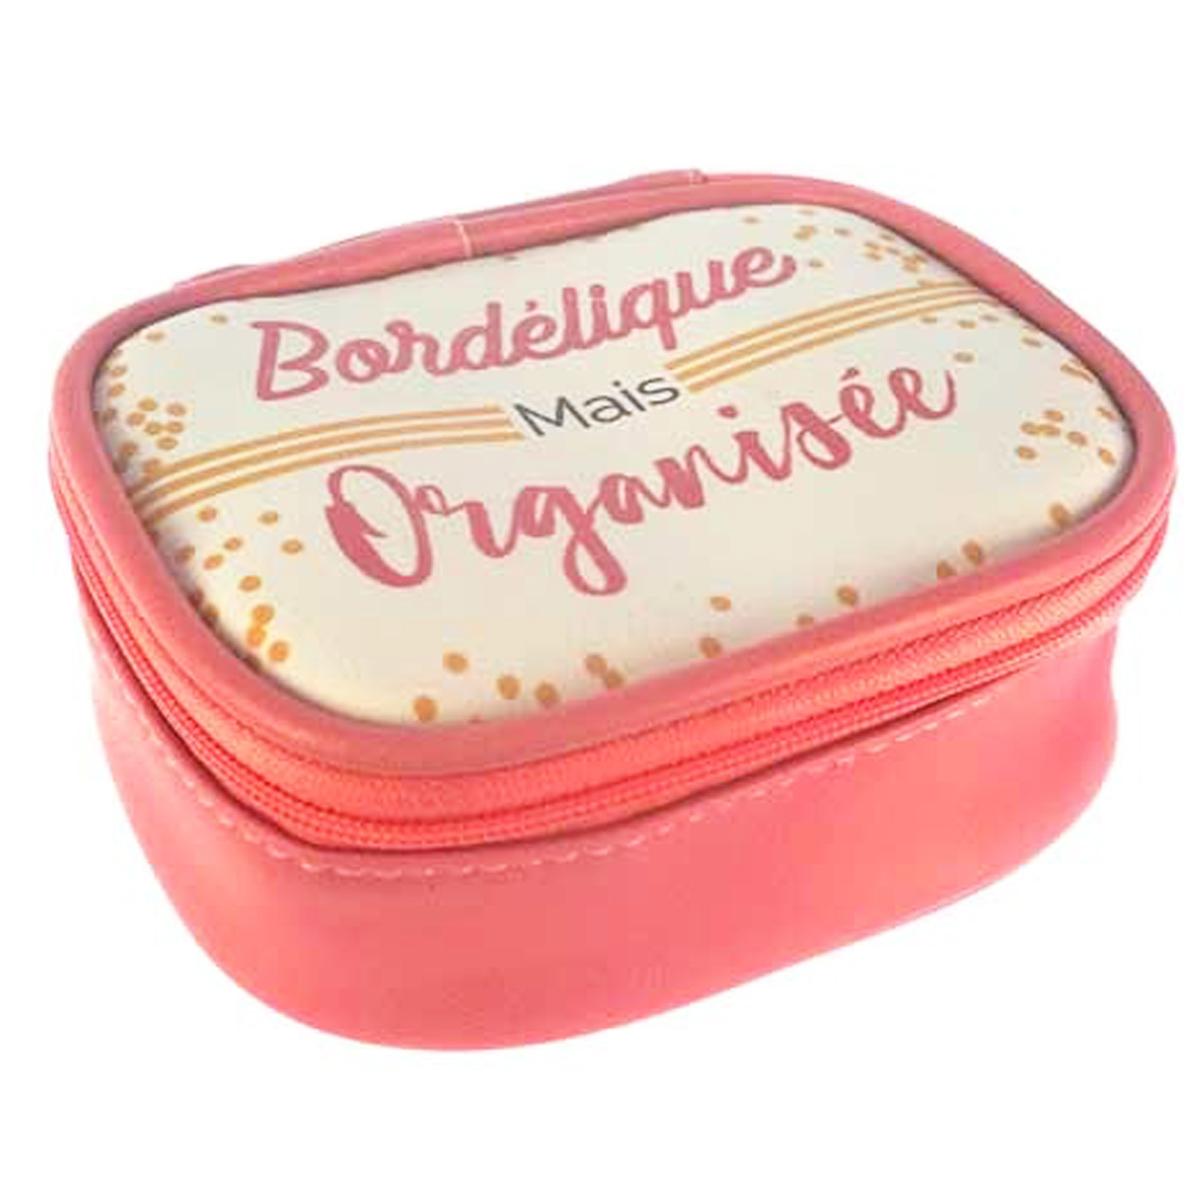 Petite boite à bijoux de voyage \'Messages\' rose (Bordélique mais Organisée) - 115x95x5 cm - [Q0858]